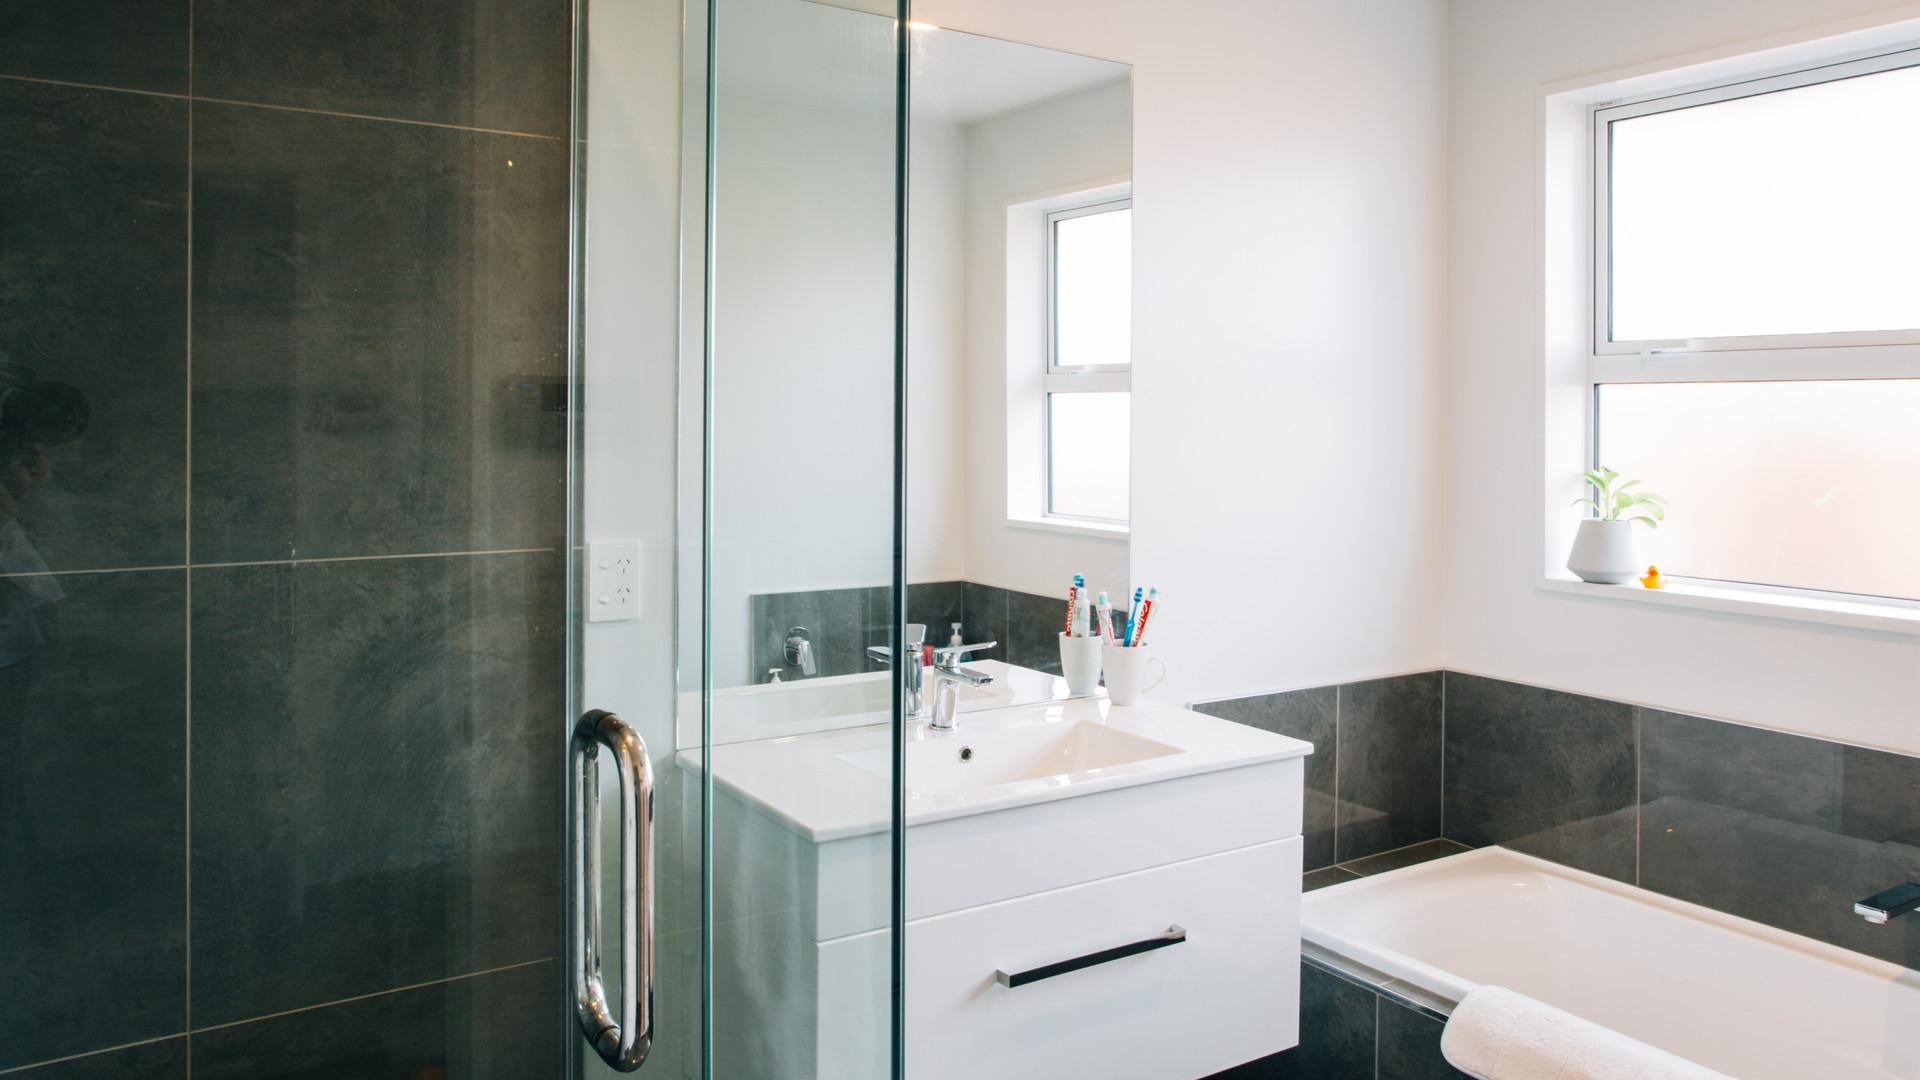 Rosemerryn bathroom